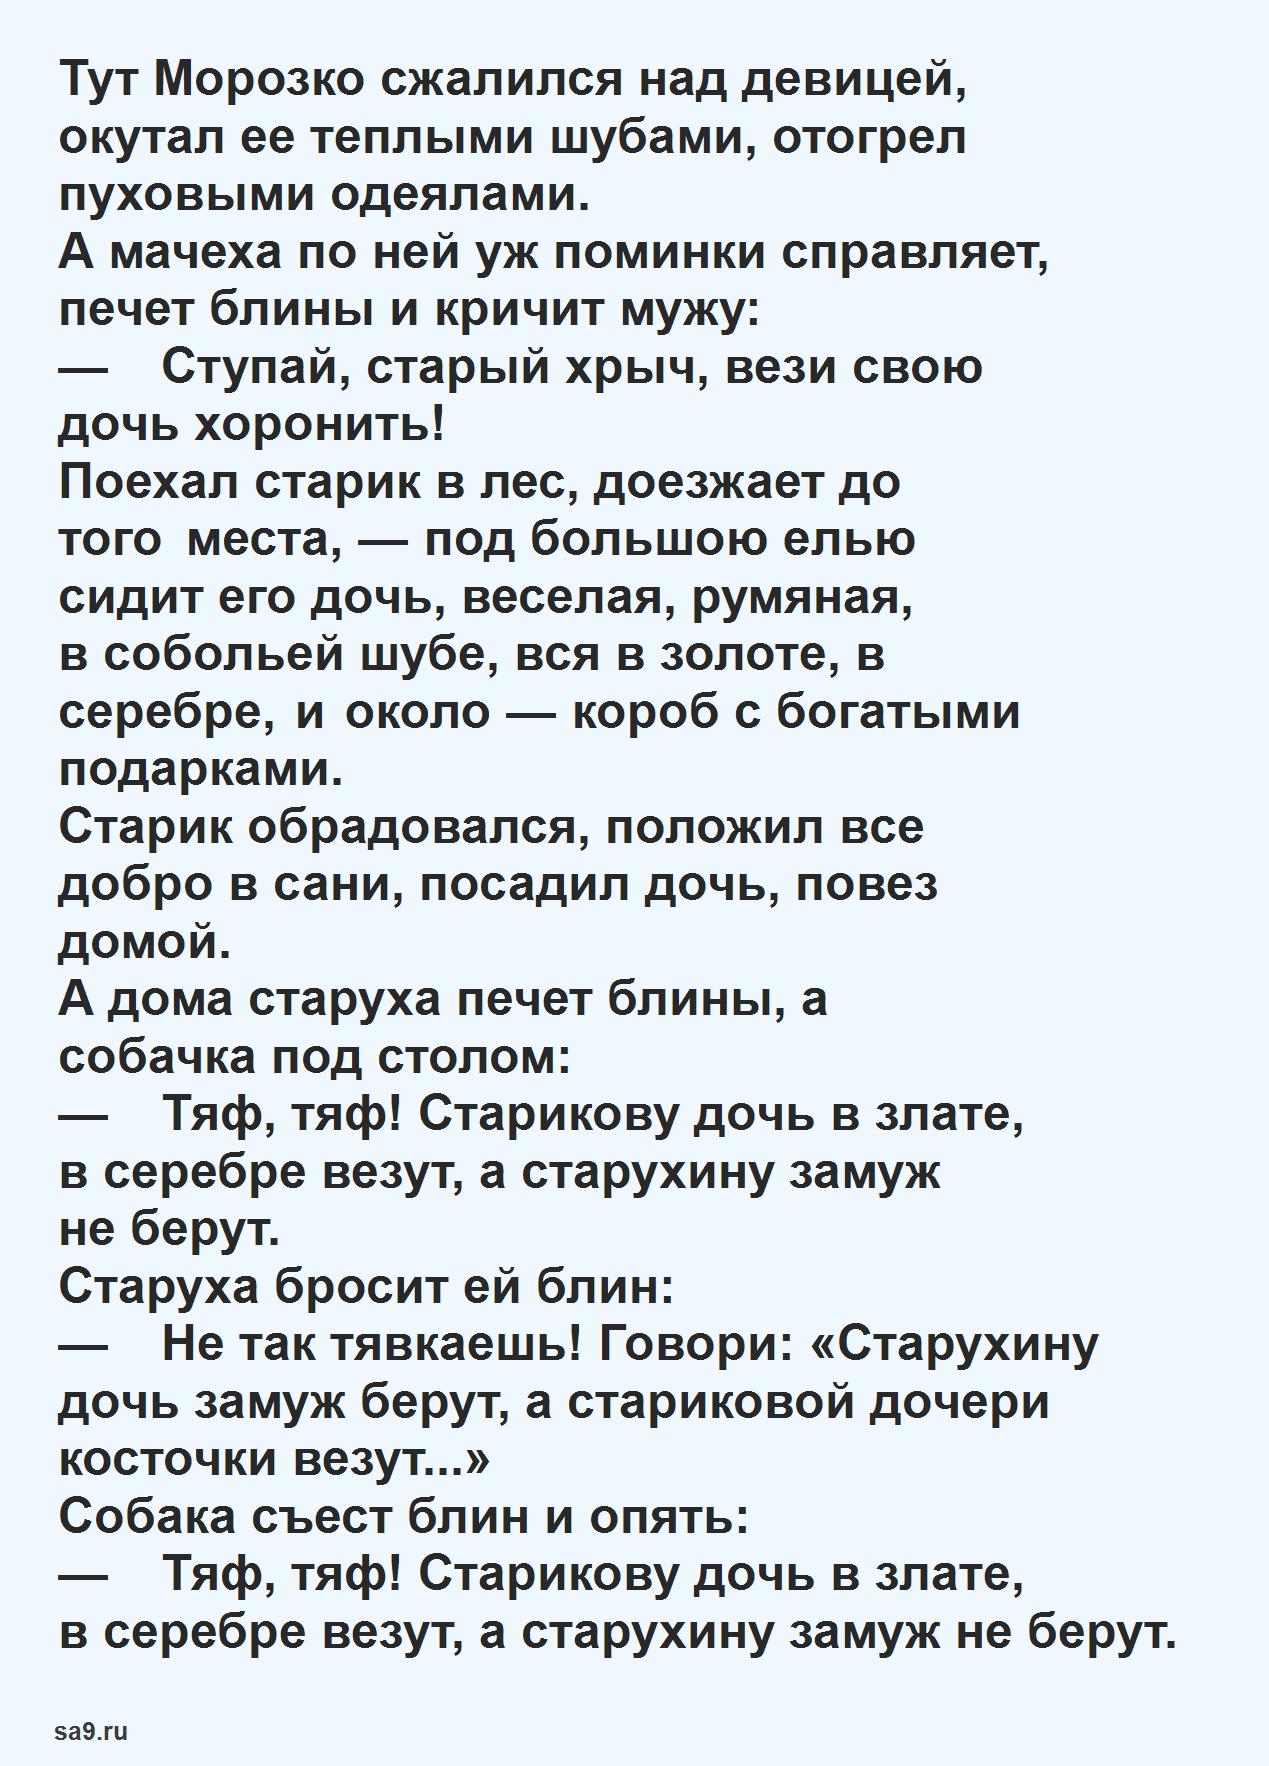 Русская народная сказка Морозко, читать онлайн бесплатно